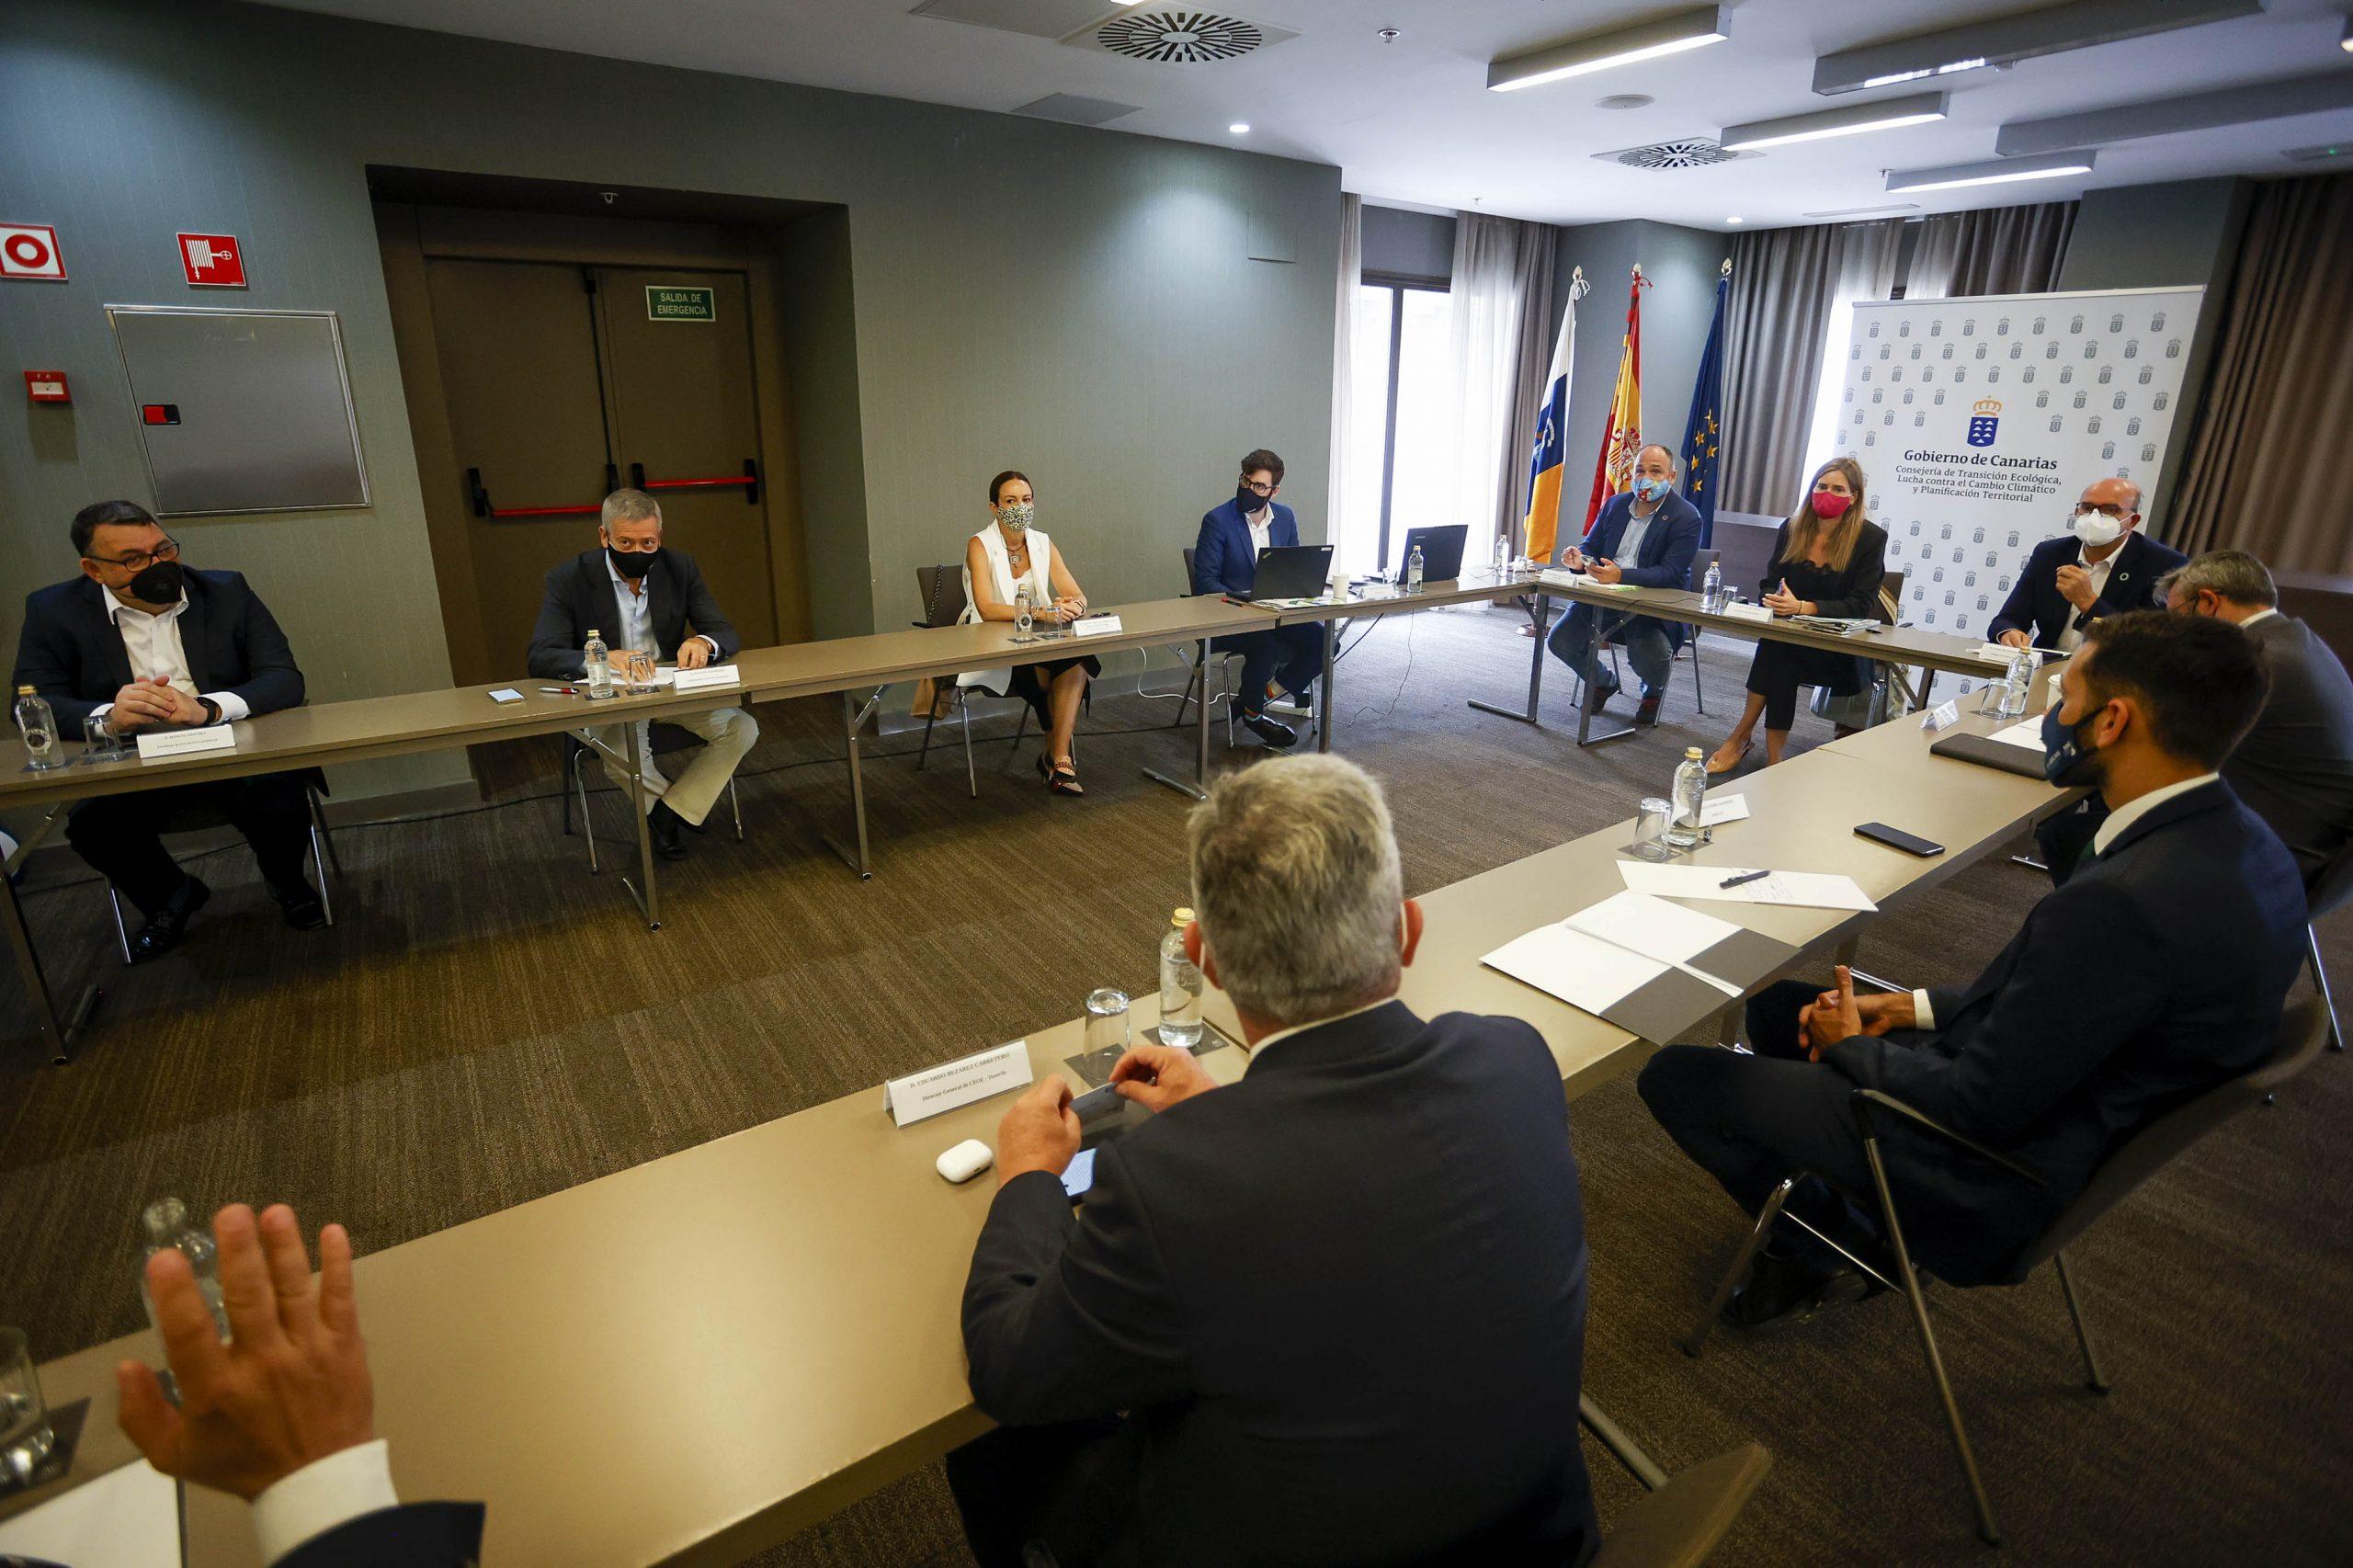 Reunion-2-scaled Canarias recibirá 470 millones para invertir en renovables